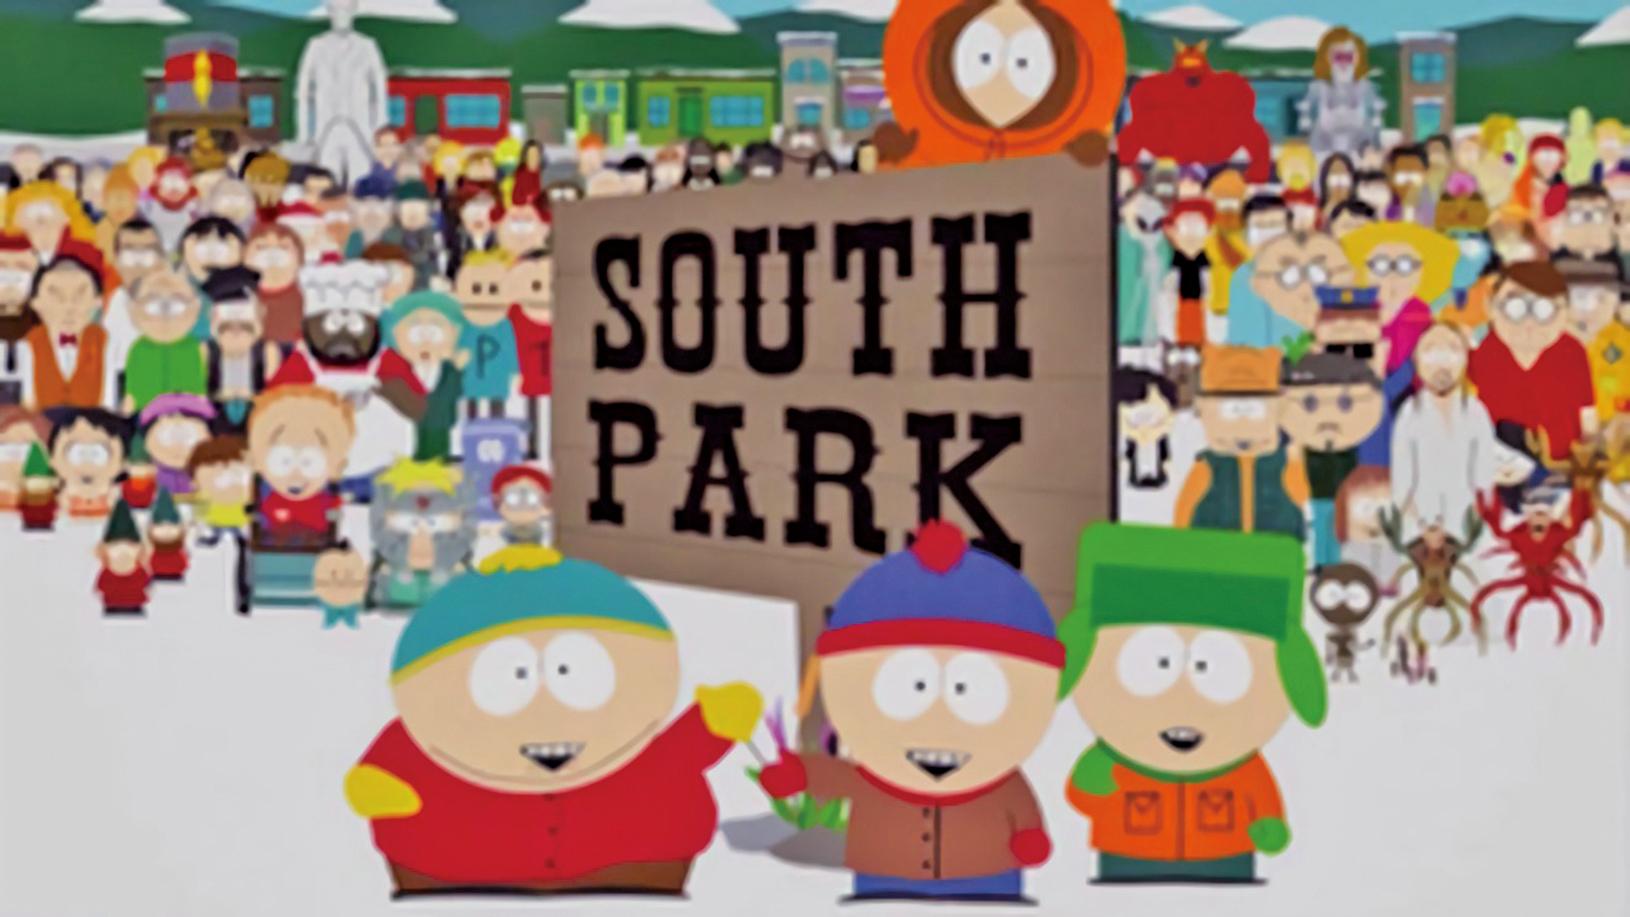 《南方公園》揭露了許多中共一直掩蓋的罪惡,中共惱羞成怒,於是被封殺了。(Getty Images)